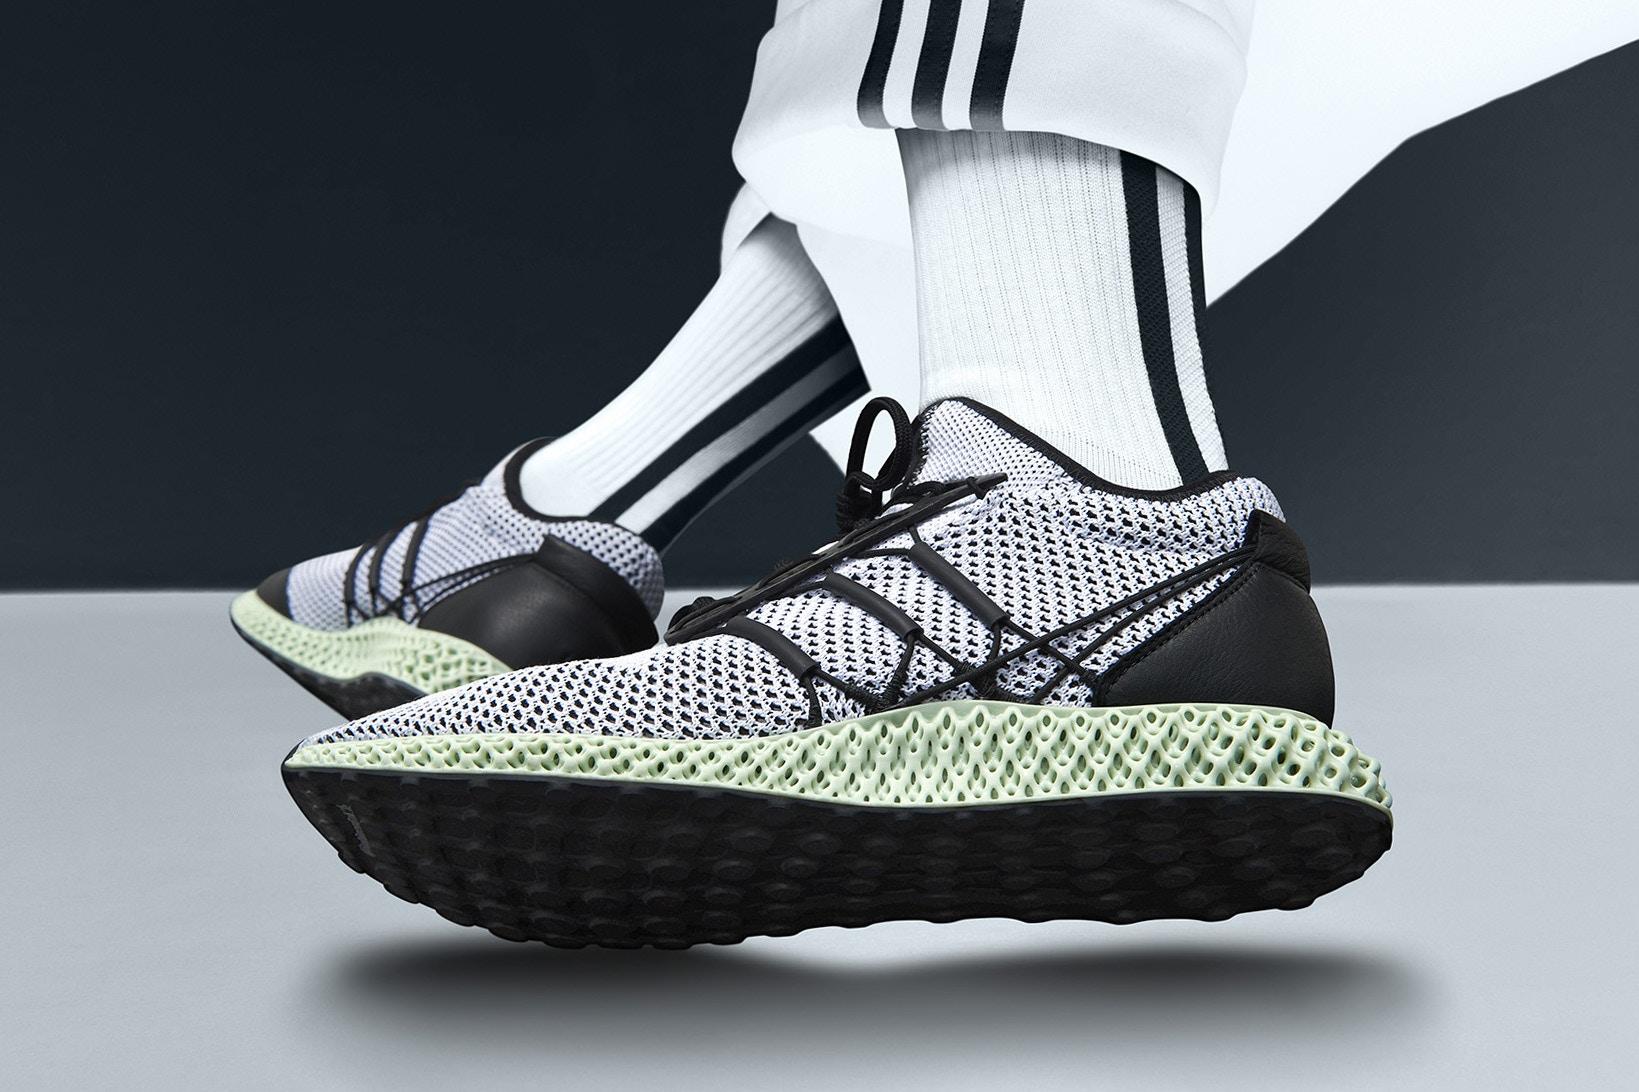 Sneaker Watch: Y-3 Reveals Their RUNNER 4D